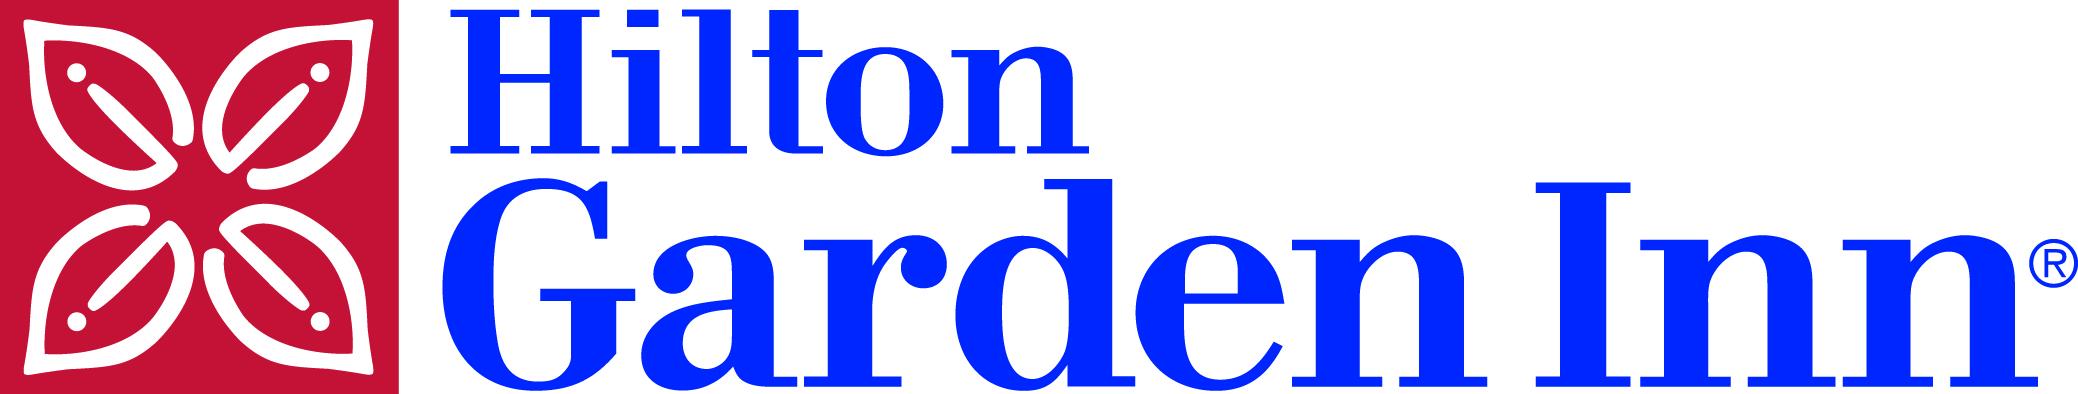 Hilton garden inn Logos.